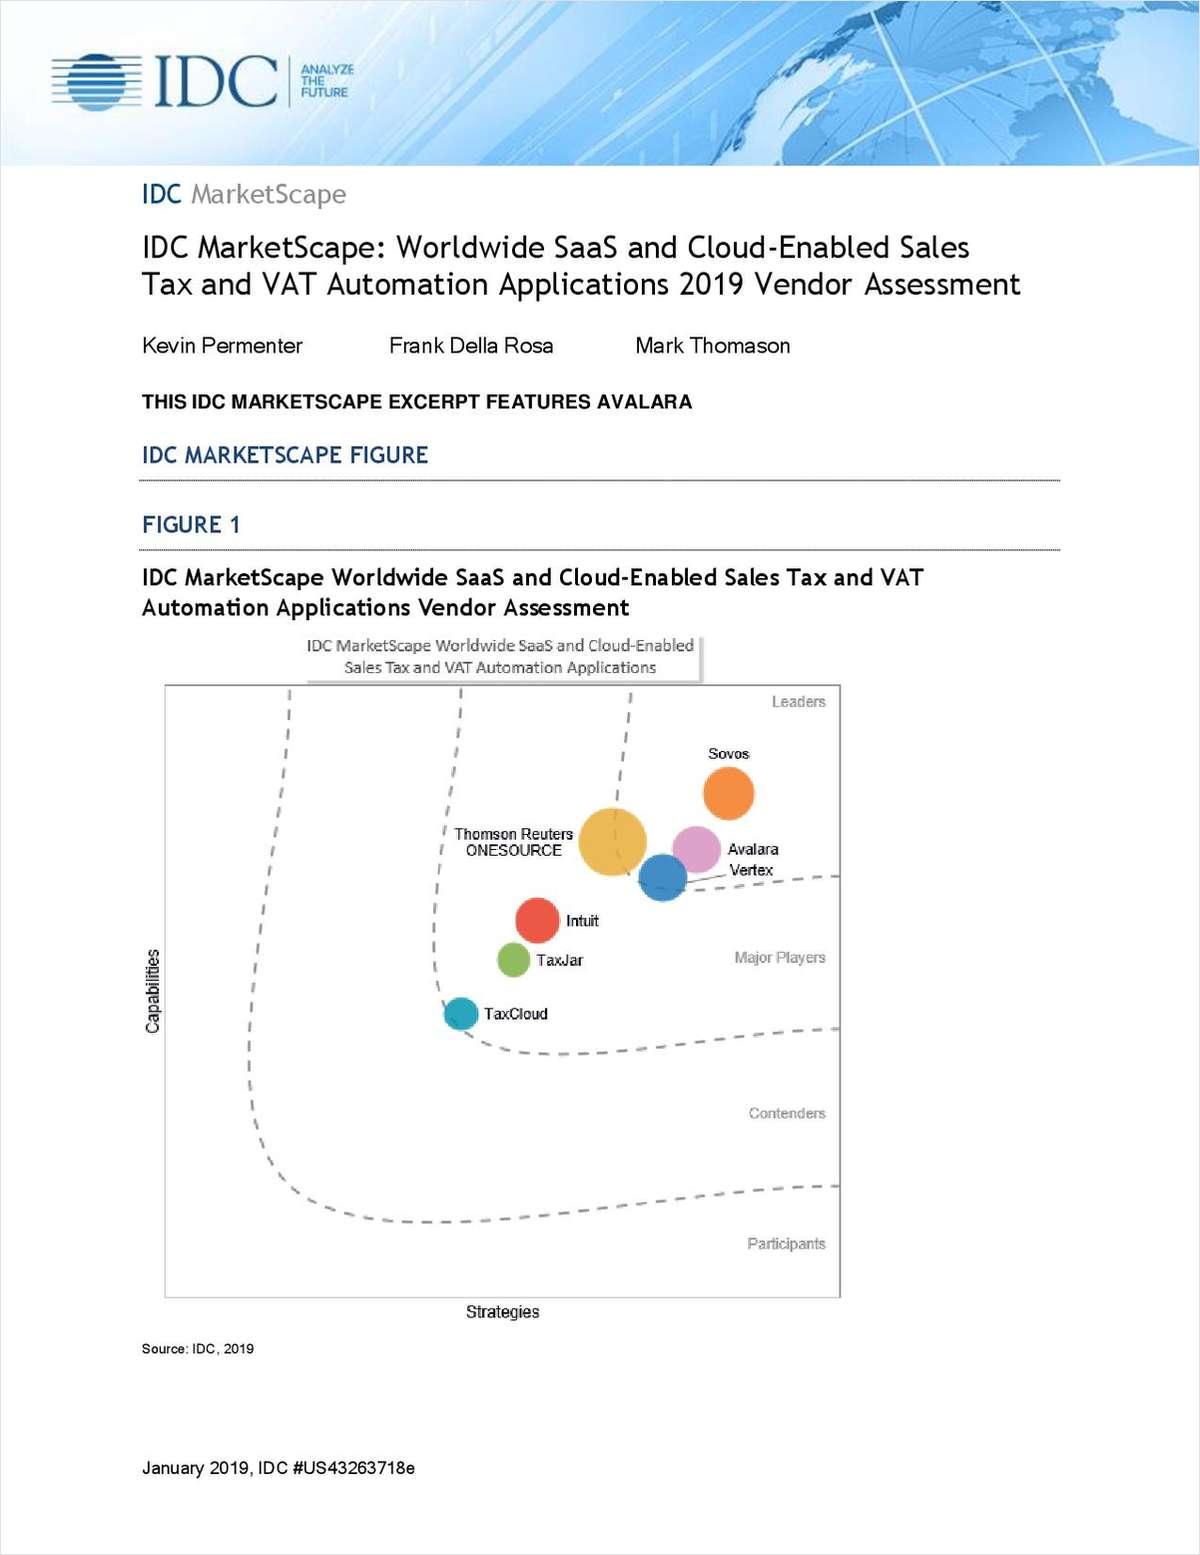 IDC MarketScape Report